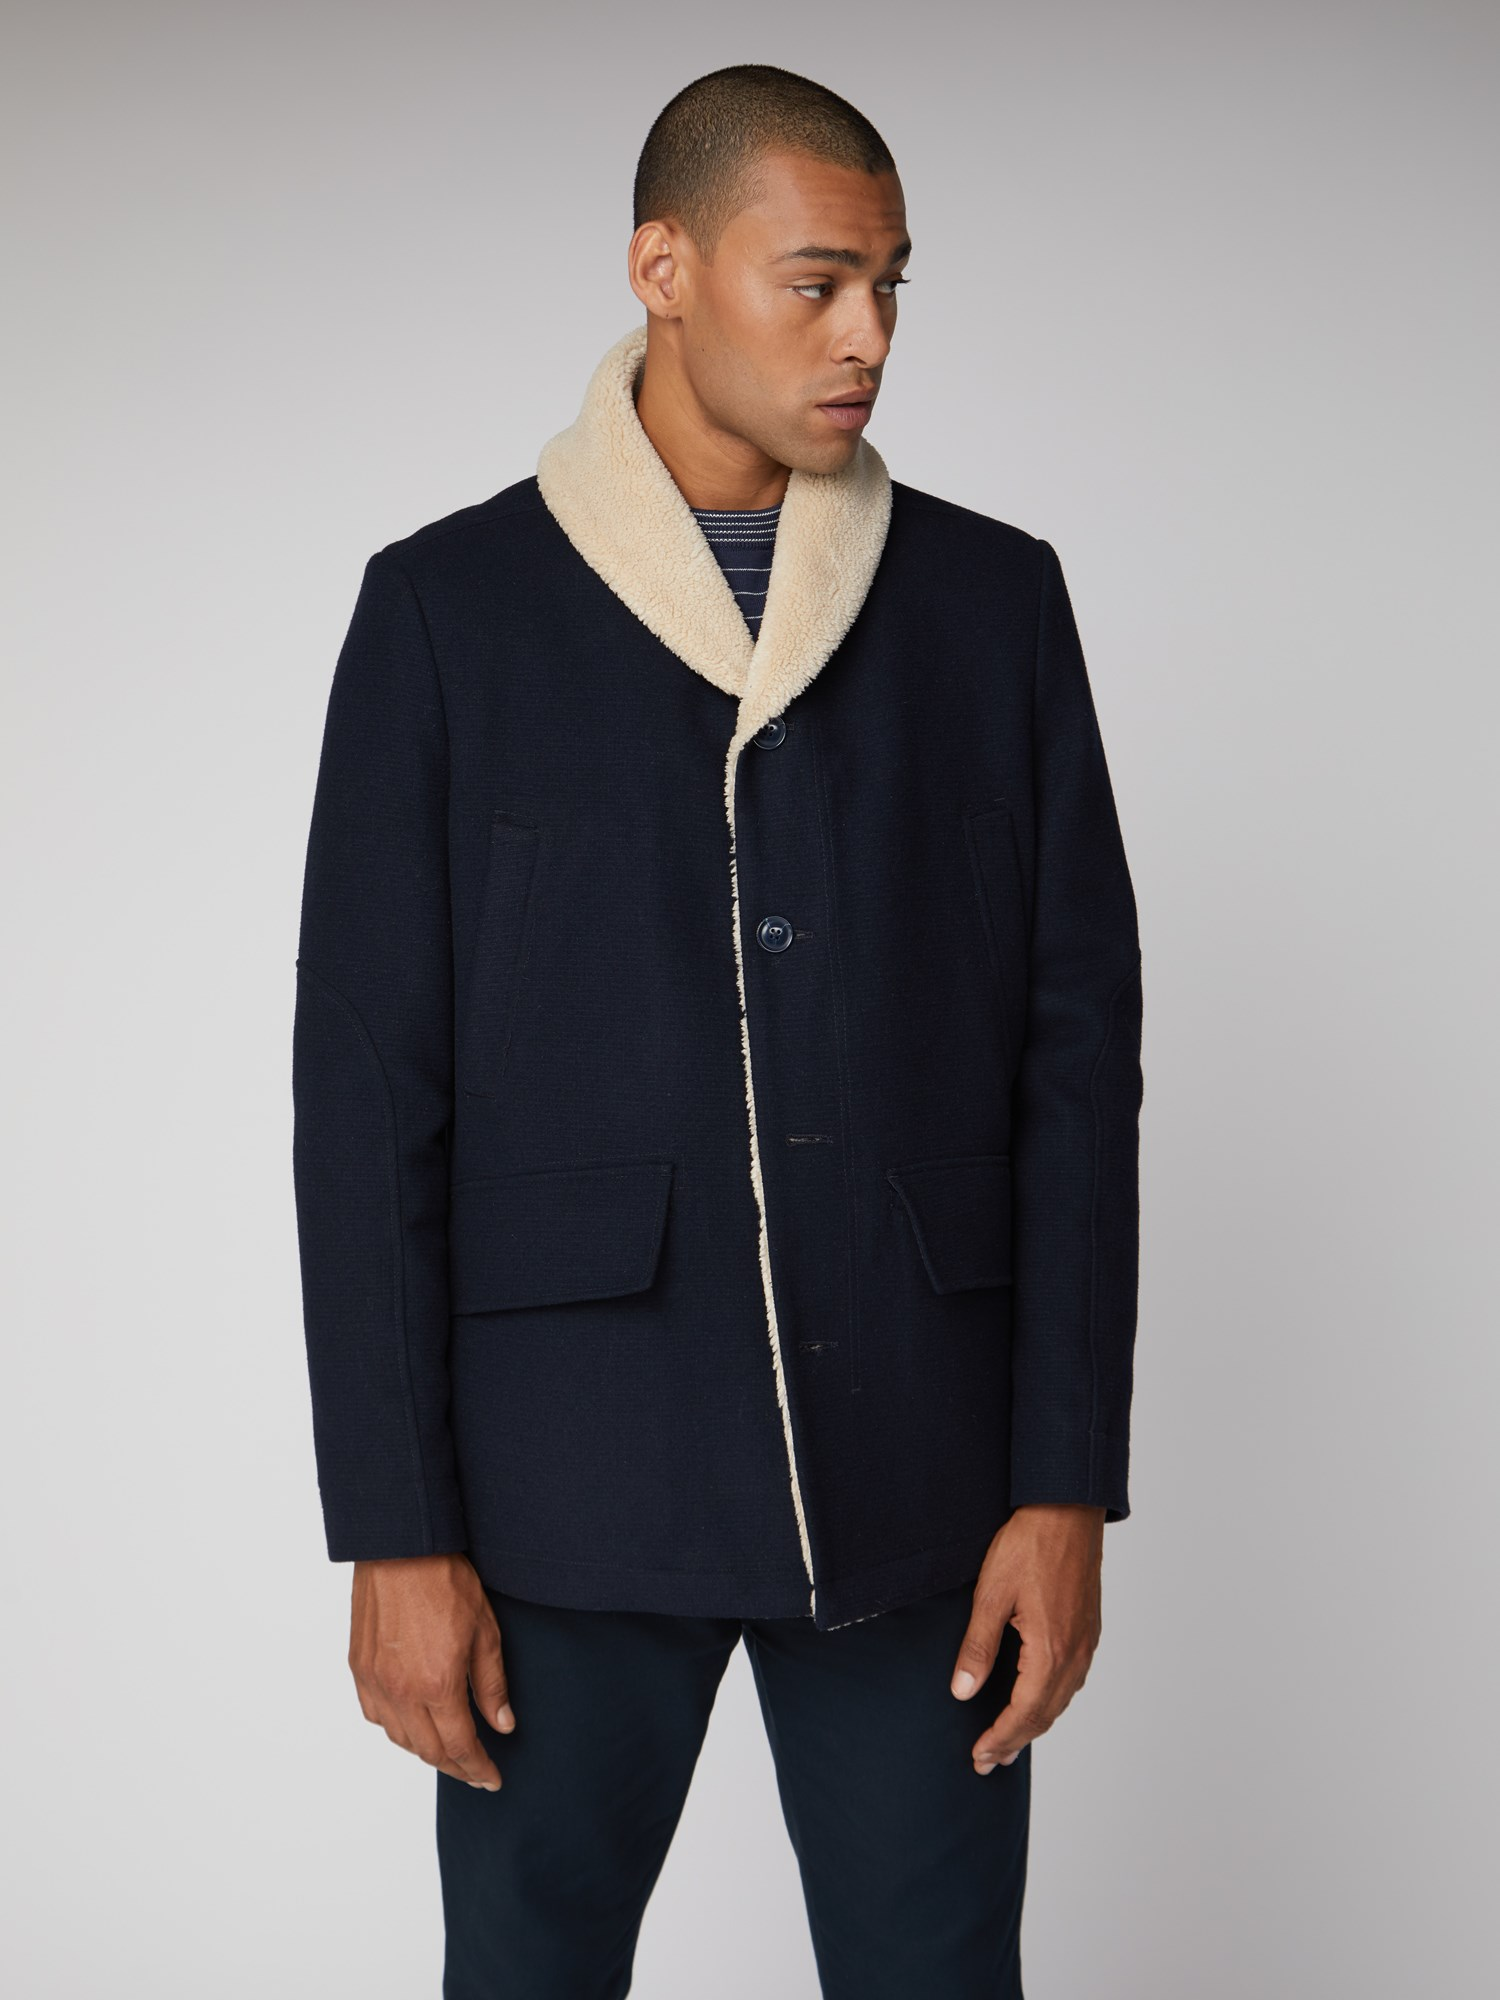 Ben Sherman Mens Fashion Outerwear Jacket